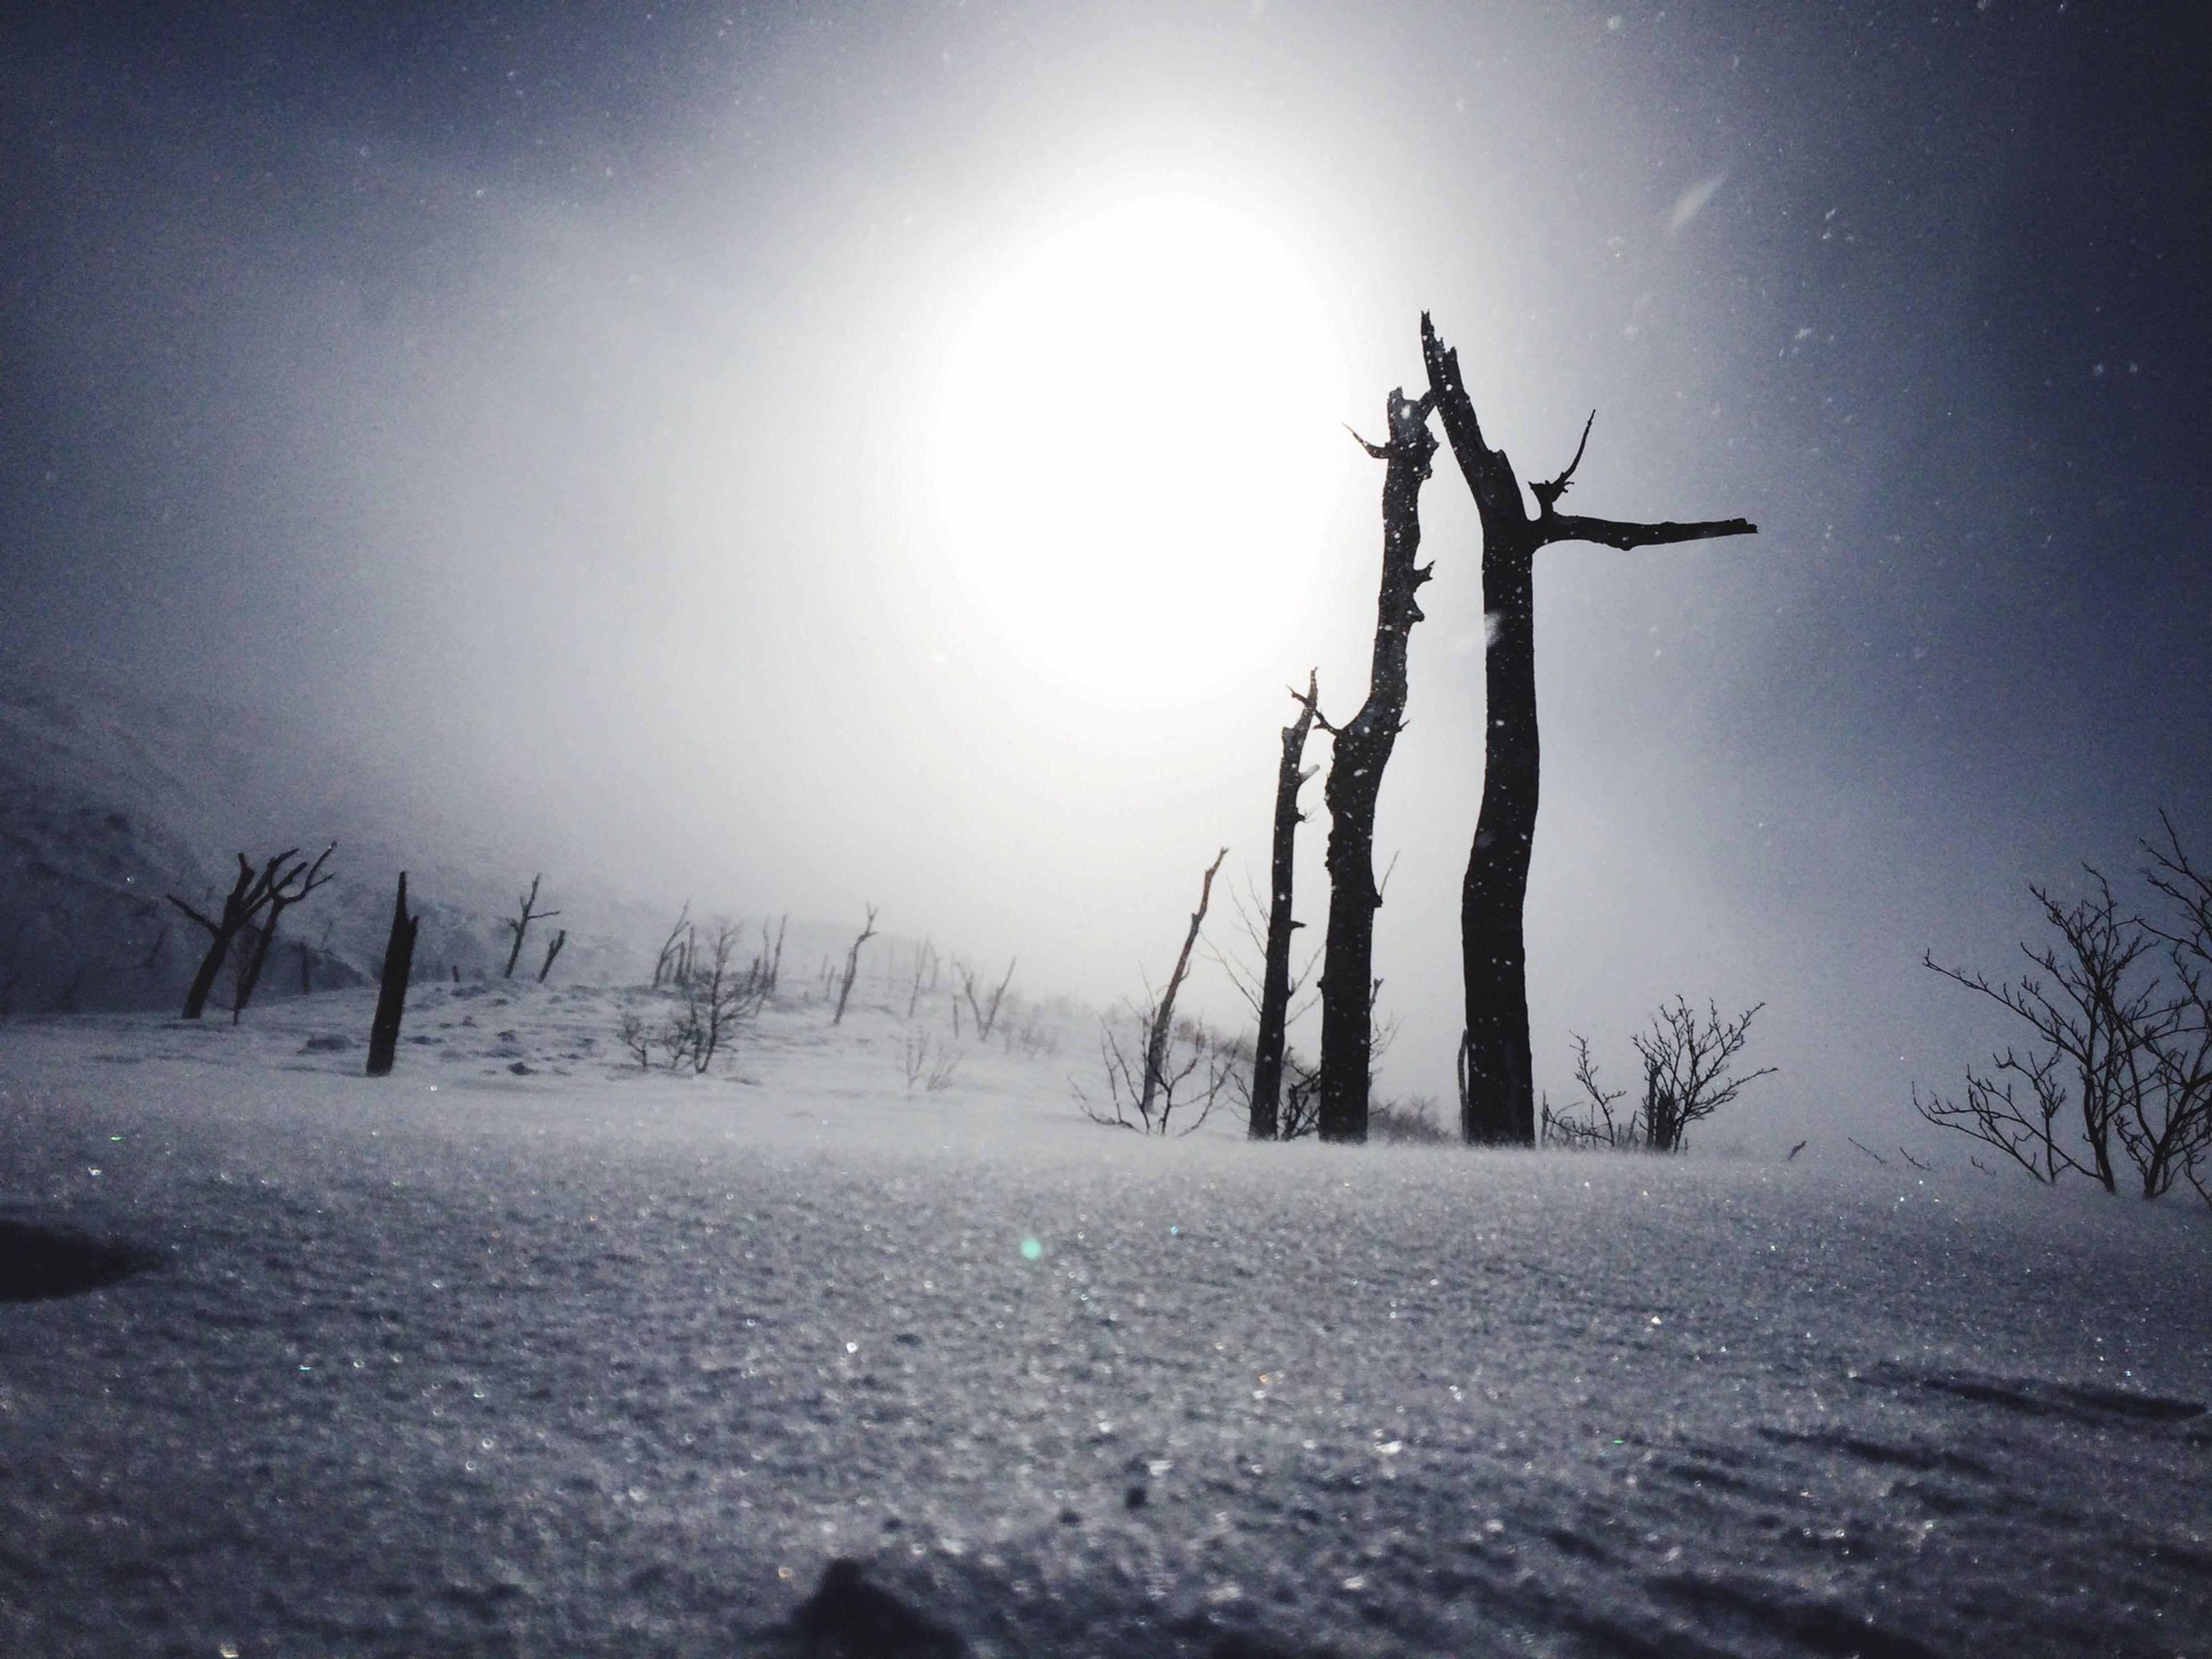 前十勝岳…修行でした…笑 Snowboard Snow Mountain Backcountry Nature